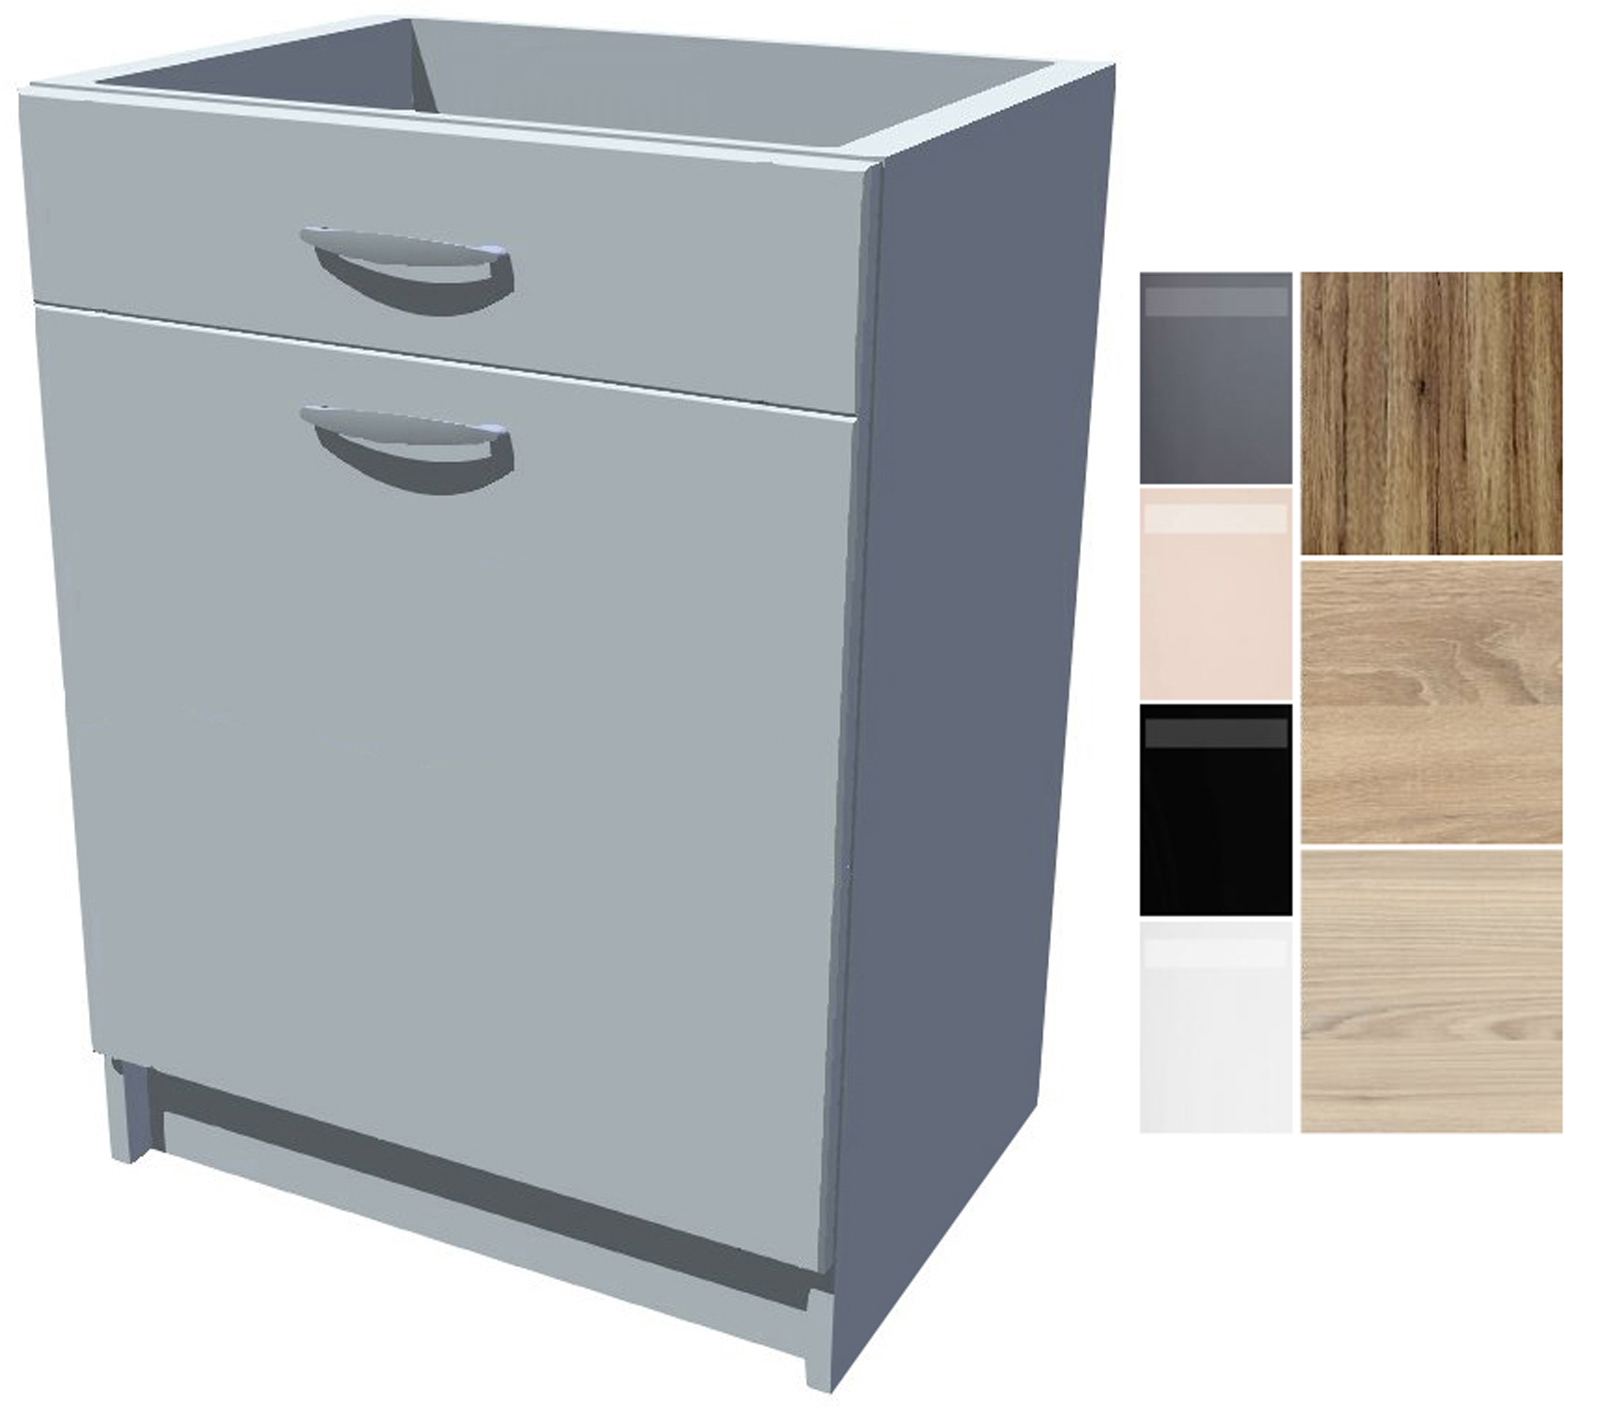 Spodní kuchyňská skříňka Iga 60 cm s šuplíkem